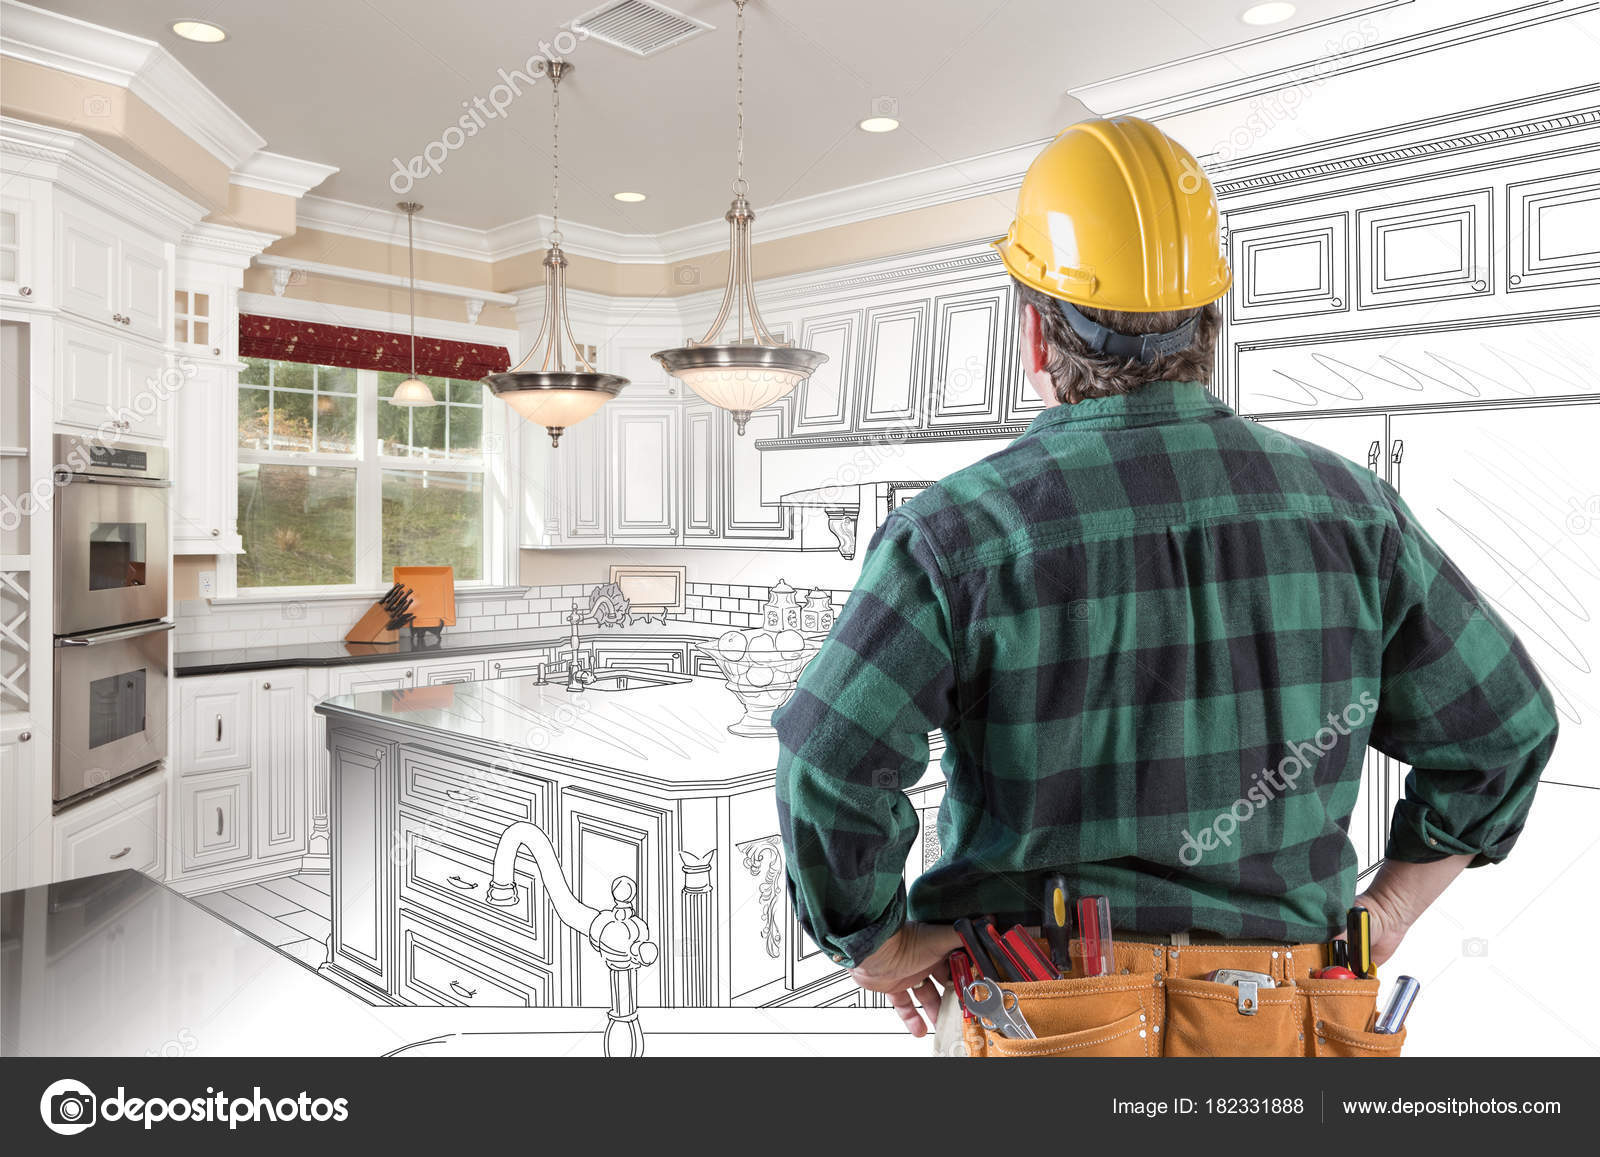 kitchen contractor curtain fabric 男性承包商与坚硬帽子和工具传送带看风俗厨房图画相片组合在白色 图库 男性承包商与坚硬帽子和工具传送带看风俗厨房图画相片组合在